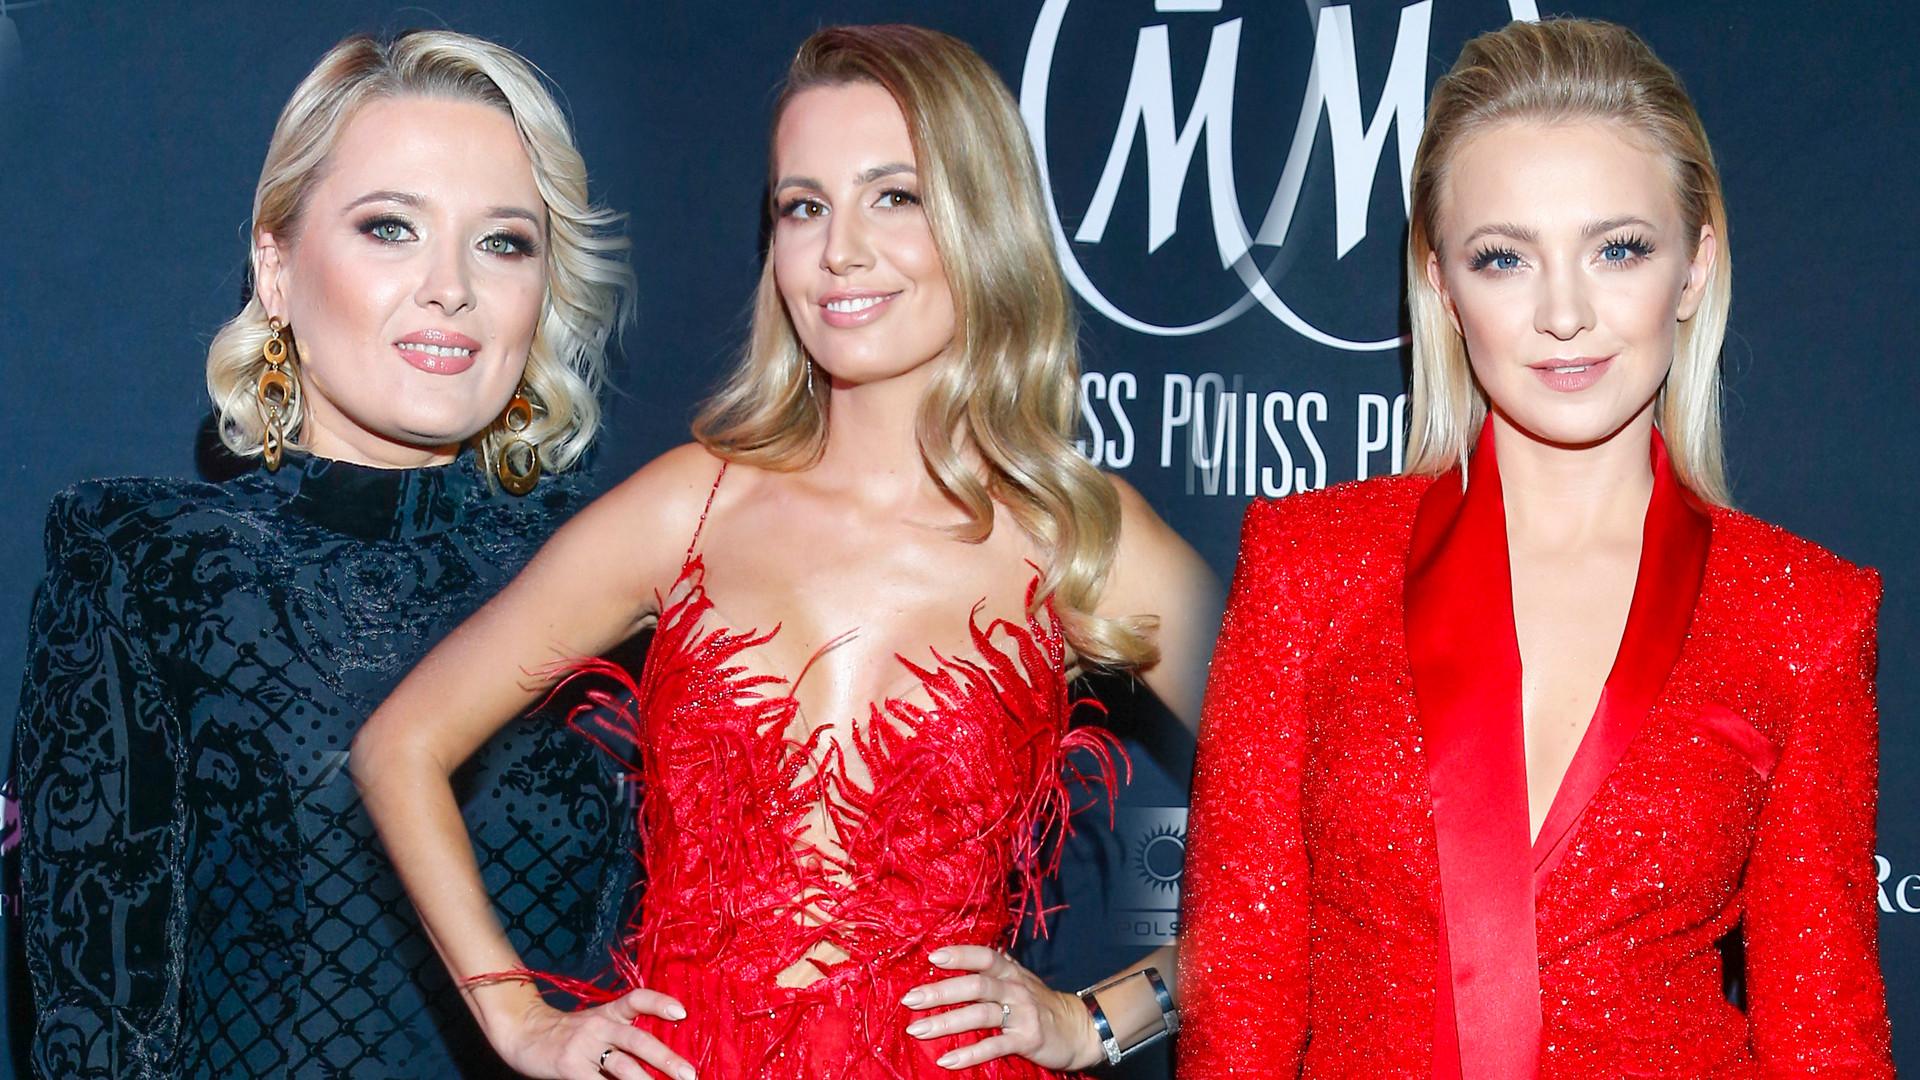 Gwiazdy na wyborach Miss Polski 2019 – Hyży, Grzeszczak, Andrzejewicz